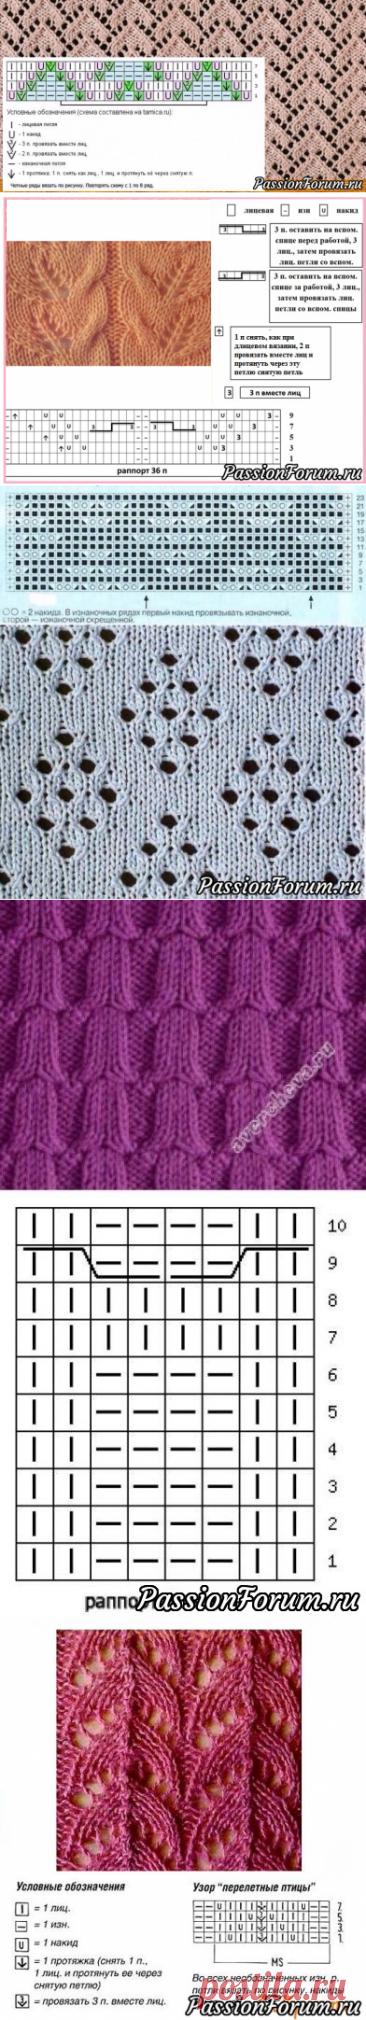 Узоры спицами | Вязание спицами для начинающих